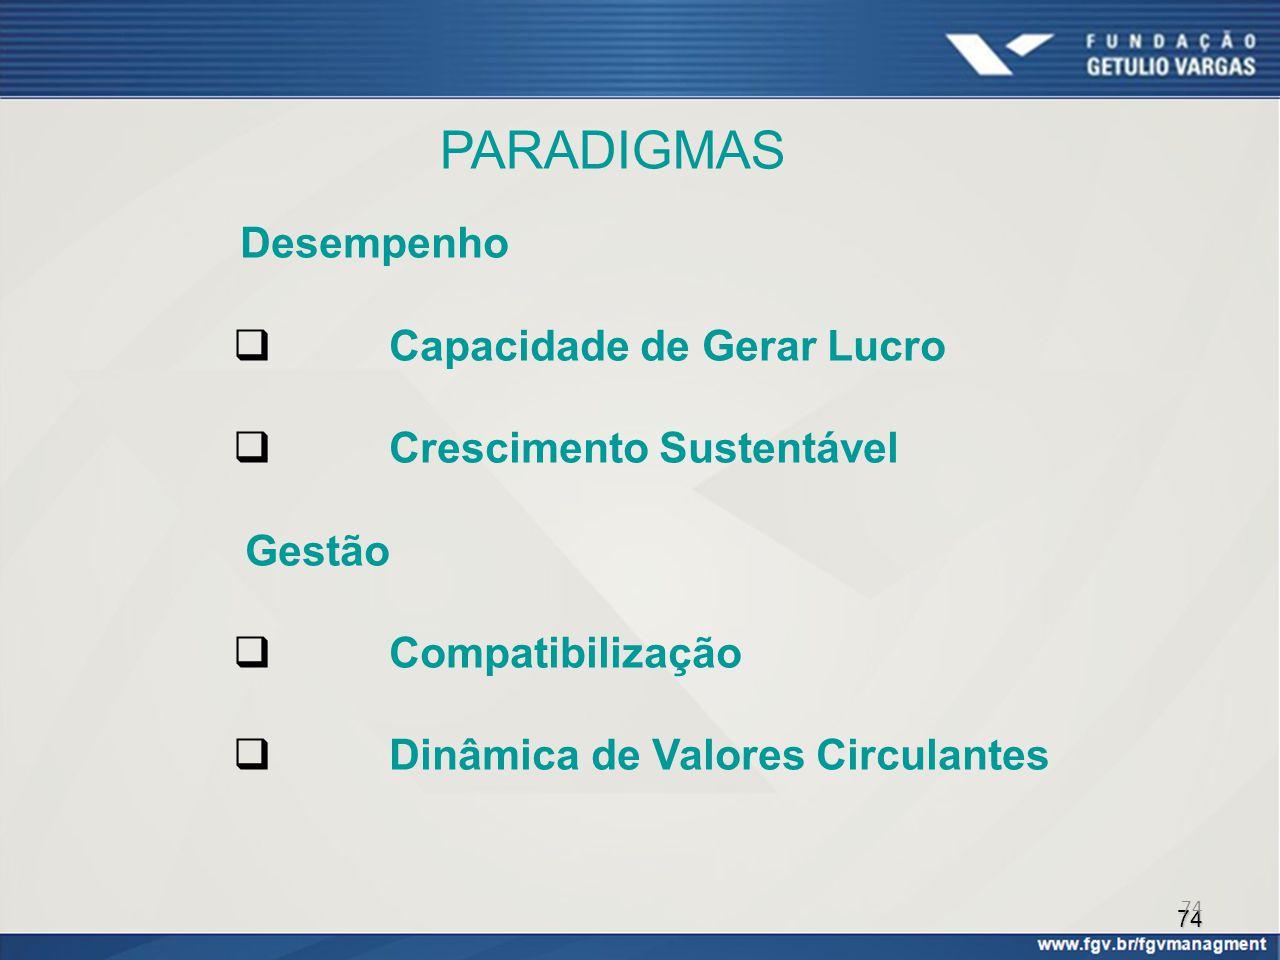 74 PARADIGMAS Desempenho  Capacidade de Gerar Lucro  Crescimento Sustentável Gestão  Compatibilização  Dinâmica de Valores Circulantes 74